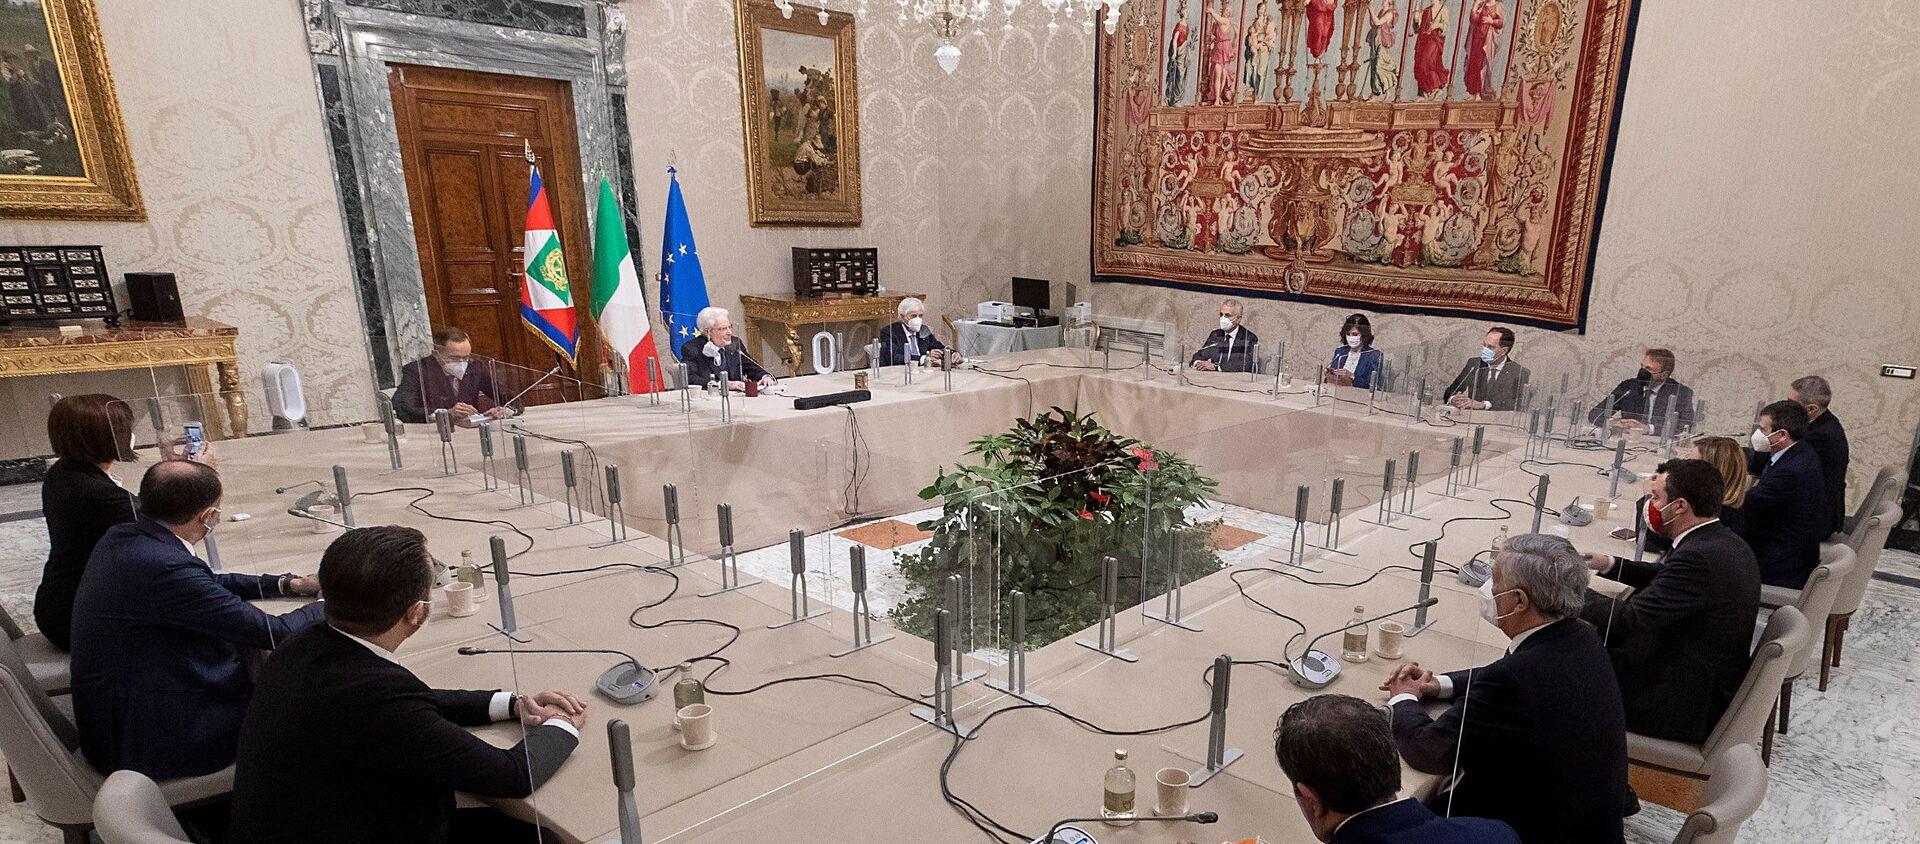 El presidente italiano Sergio Mattarella mantiene conversaciones en el Palacio del Quirinal en Roma, Italia - Sputnik Mundo, 1920, 01.02.2021